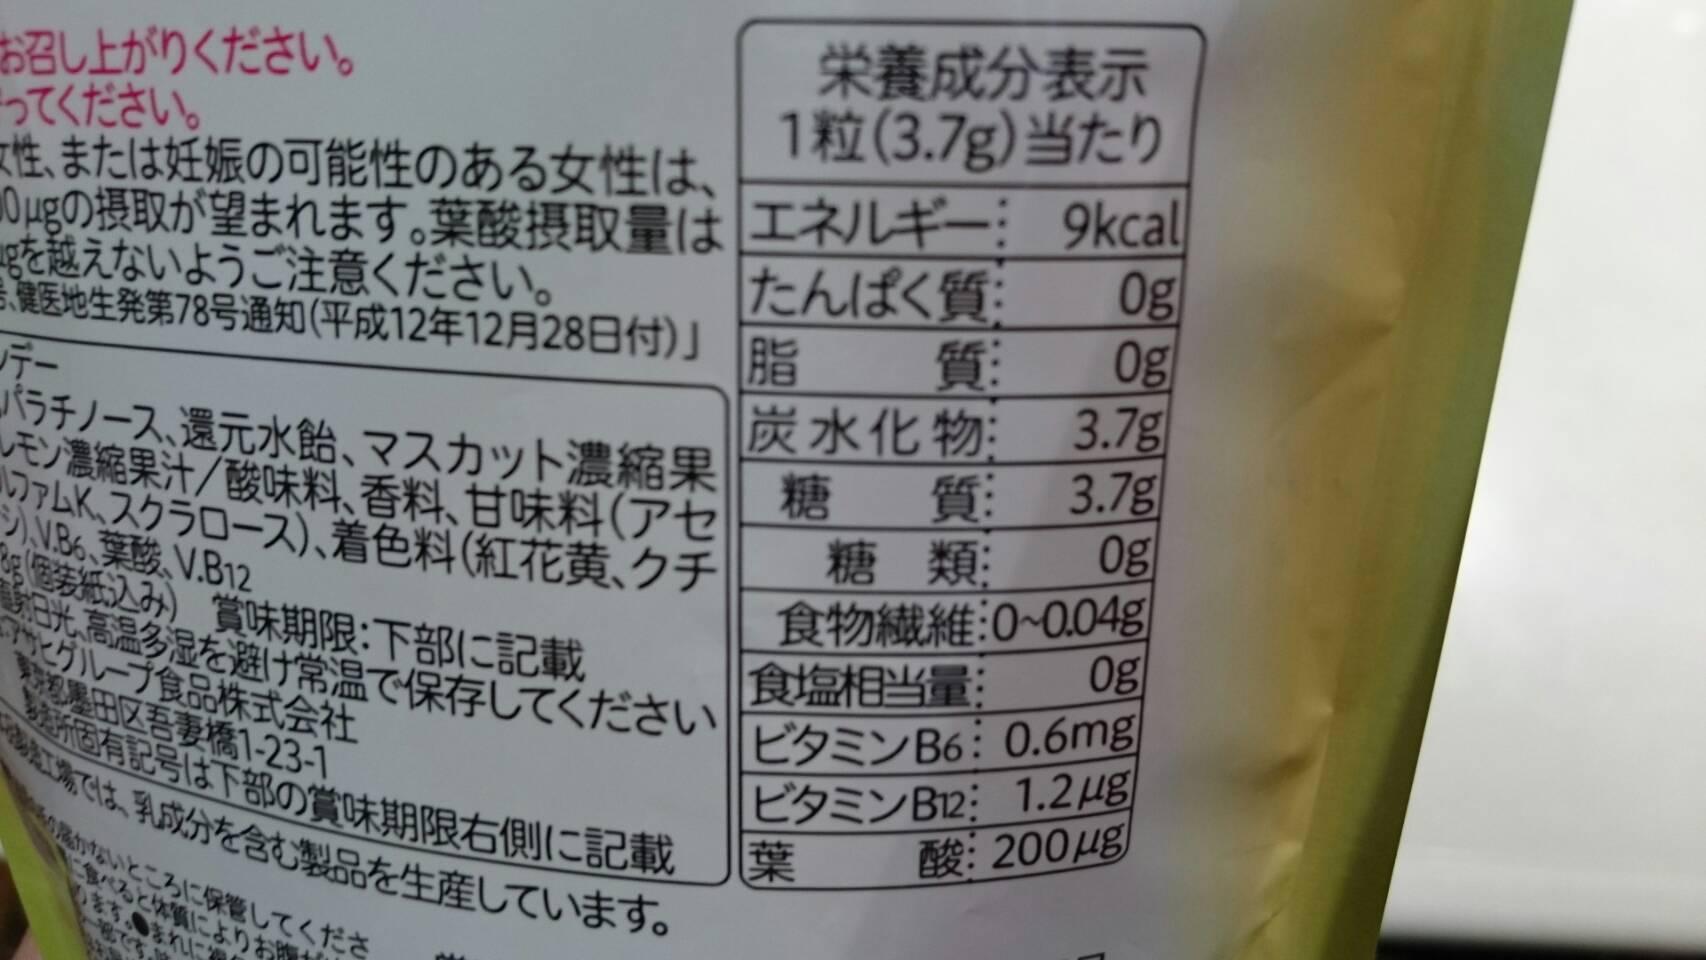 ママスタイル葉酸キャンディの栄養成分表示